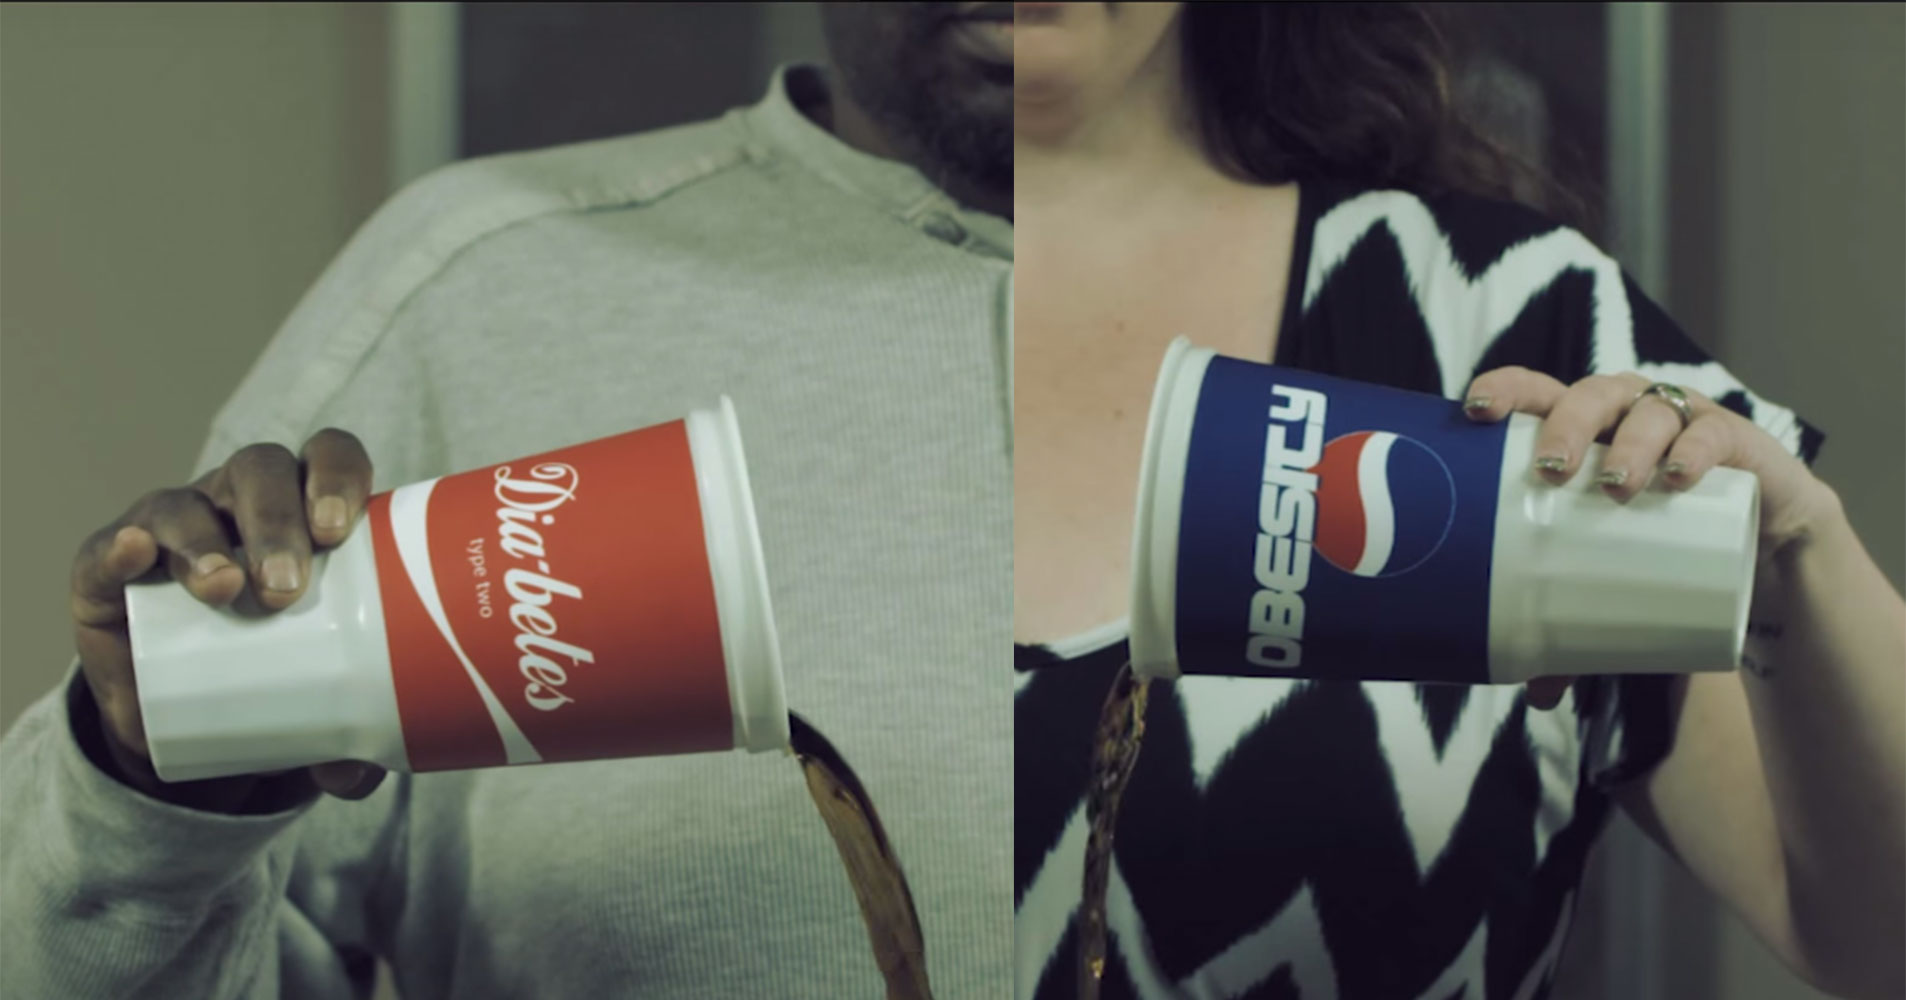 Un spot vidéo visant à dénoncer la consommation de sodas